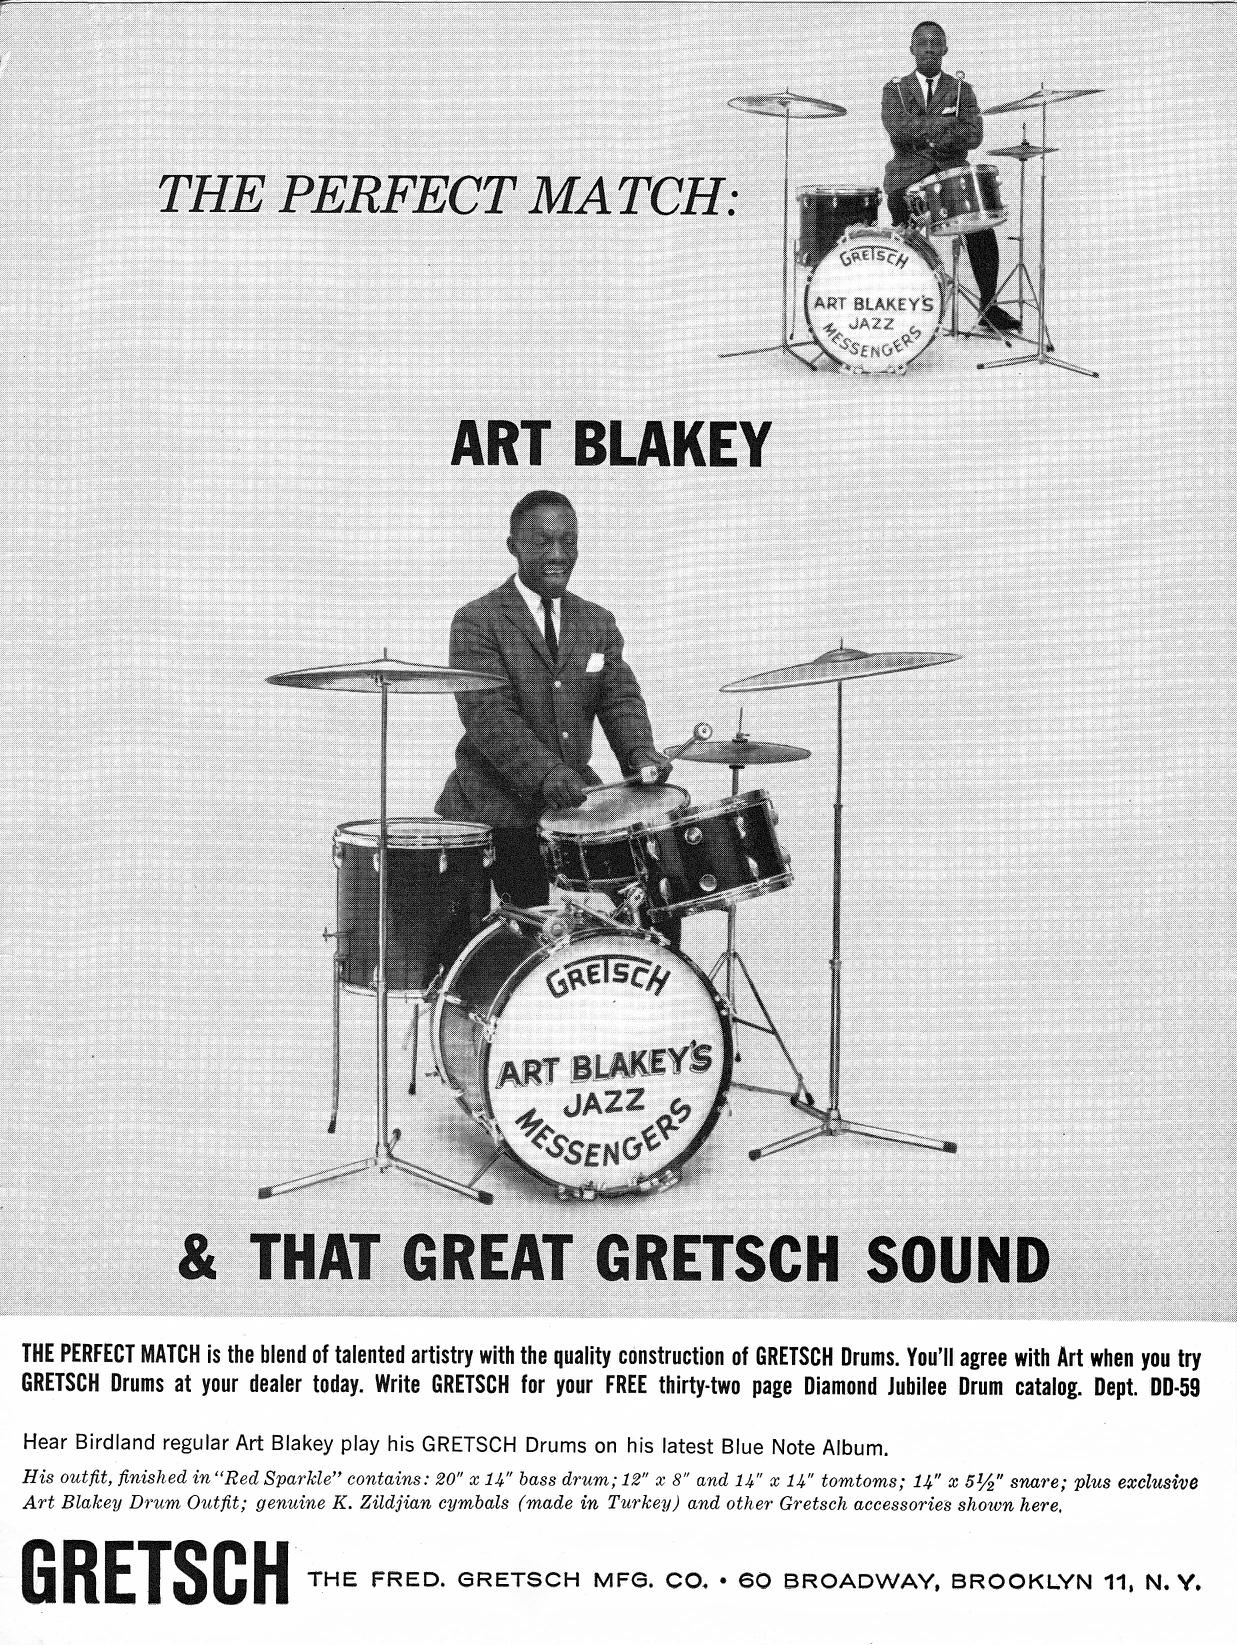 Art Blakey S Gretsch Drumset